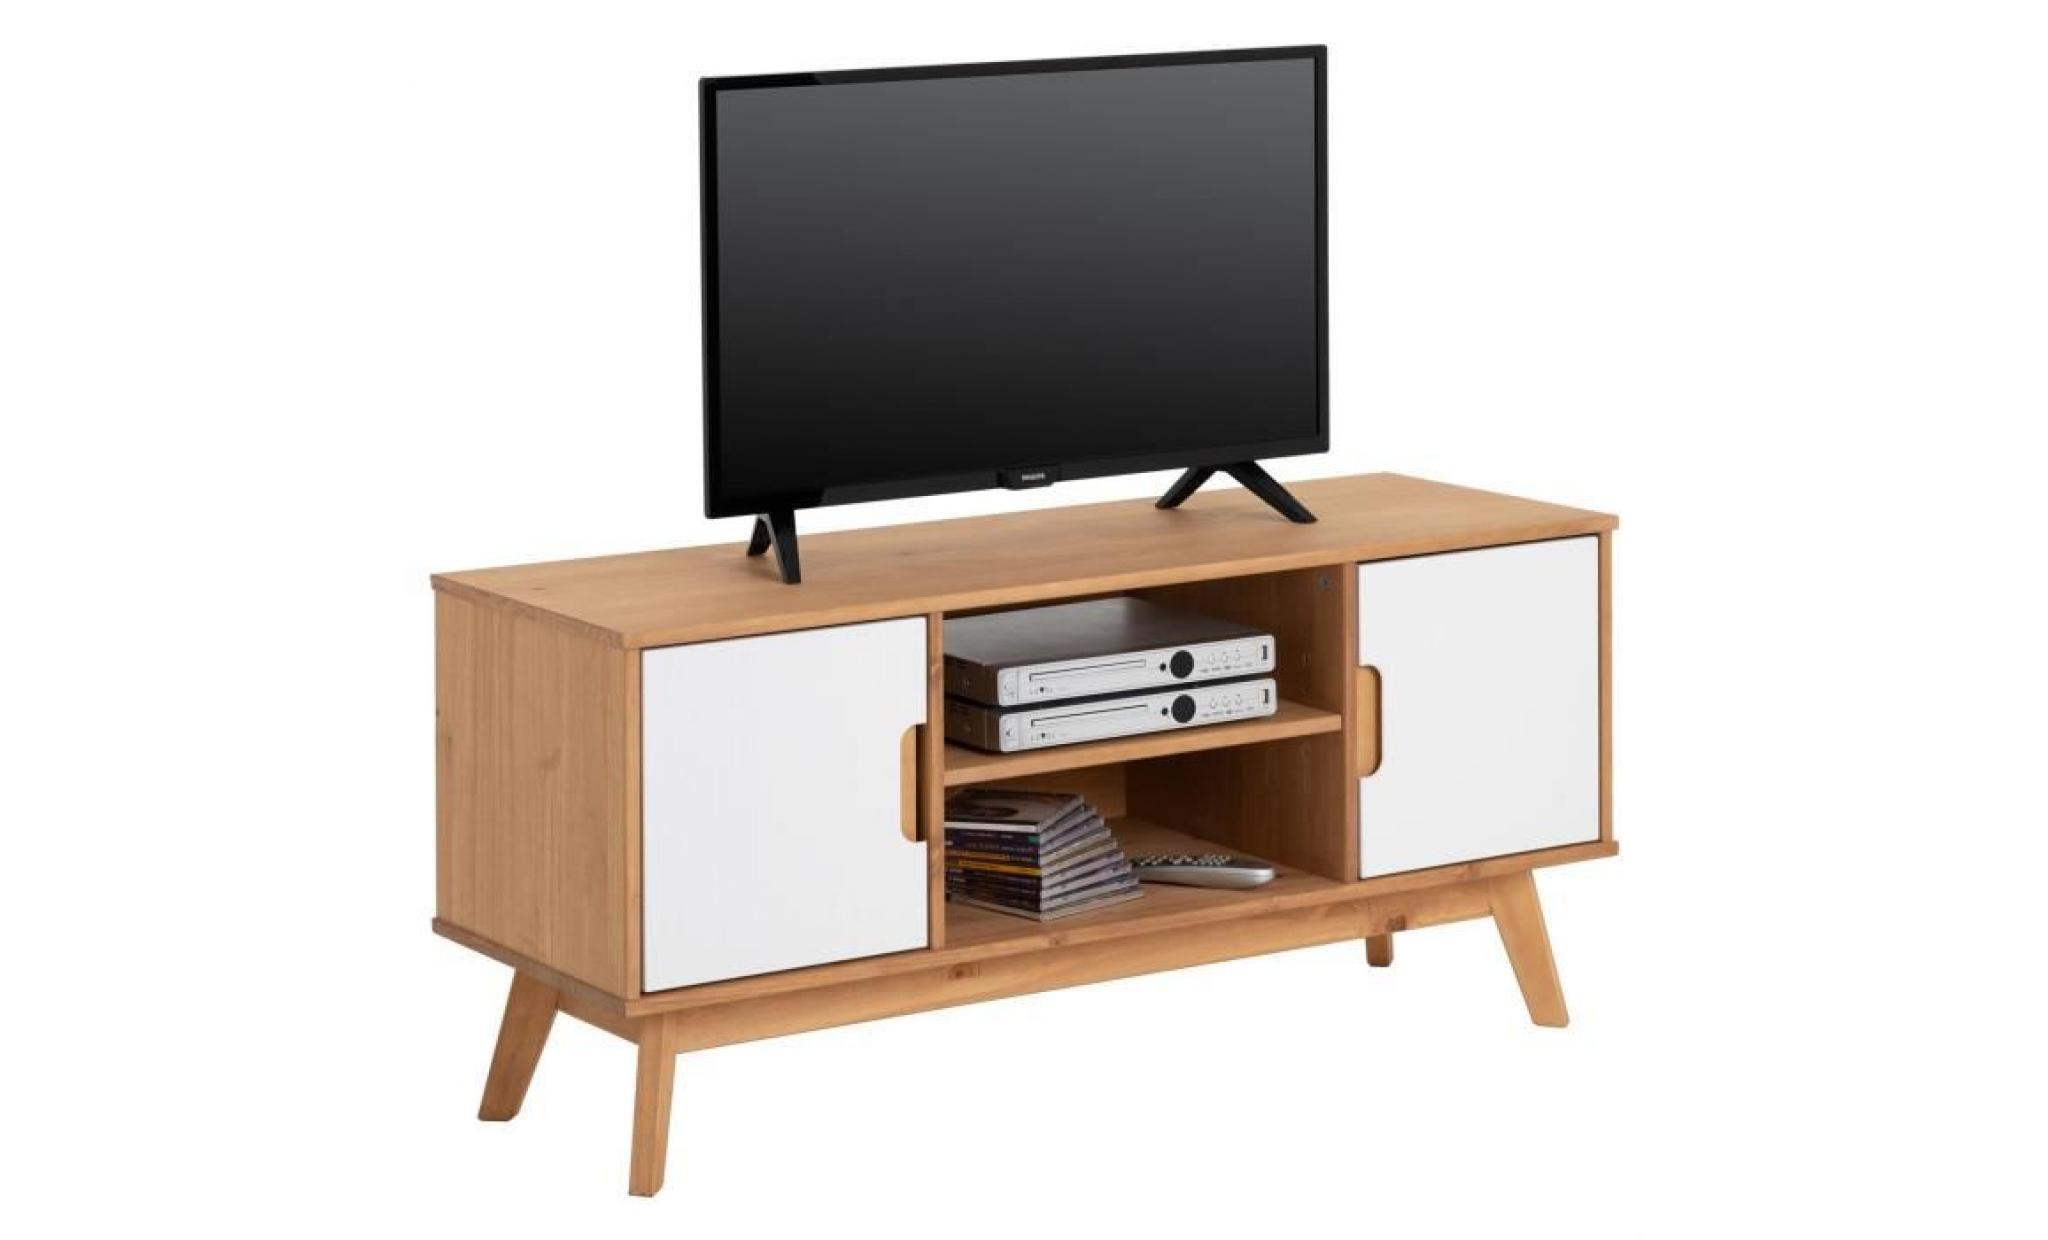 Meuble Tv Tivoli Banc Tele De 114 Cm Au Style Scandinave Design Vintage Nordique Avec 2 Portes Et 2 Niches Pin Massif Cire Et Blanc